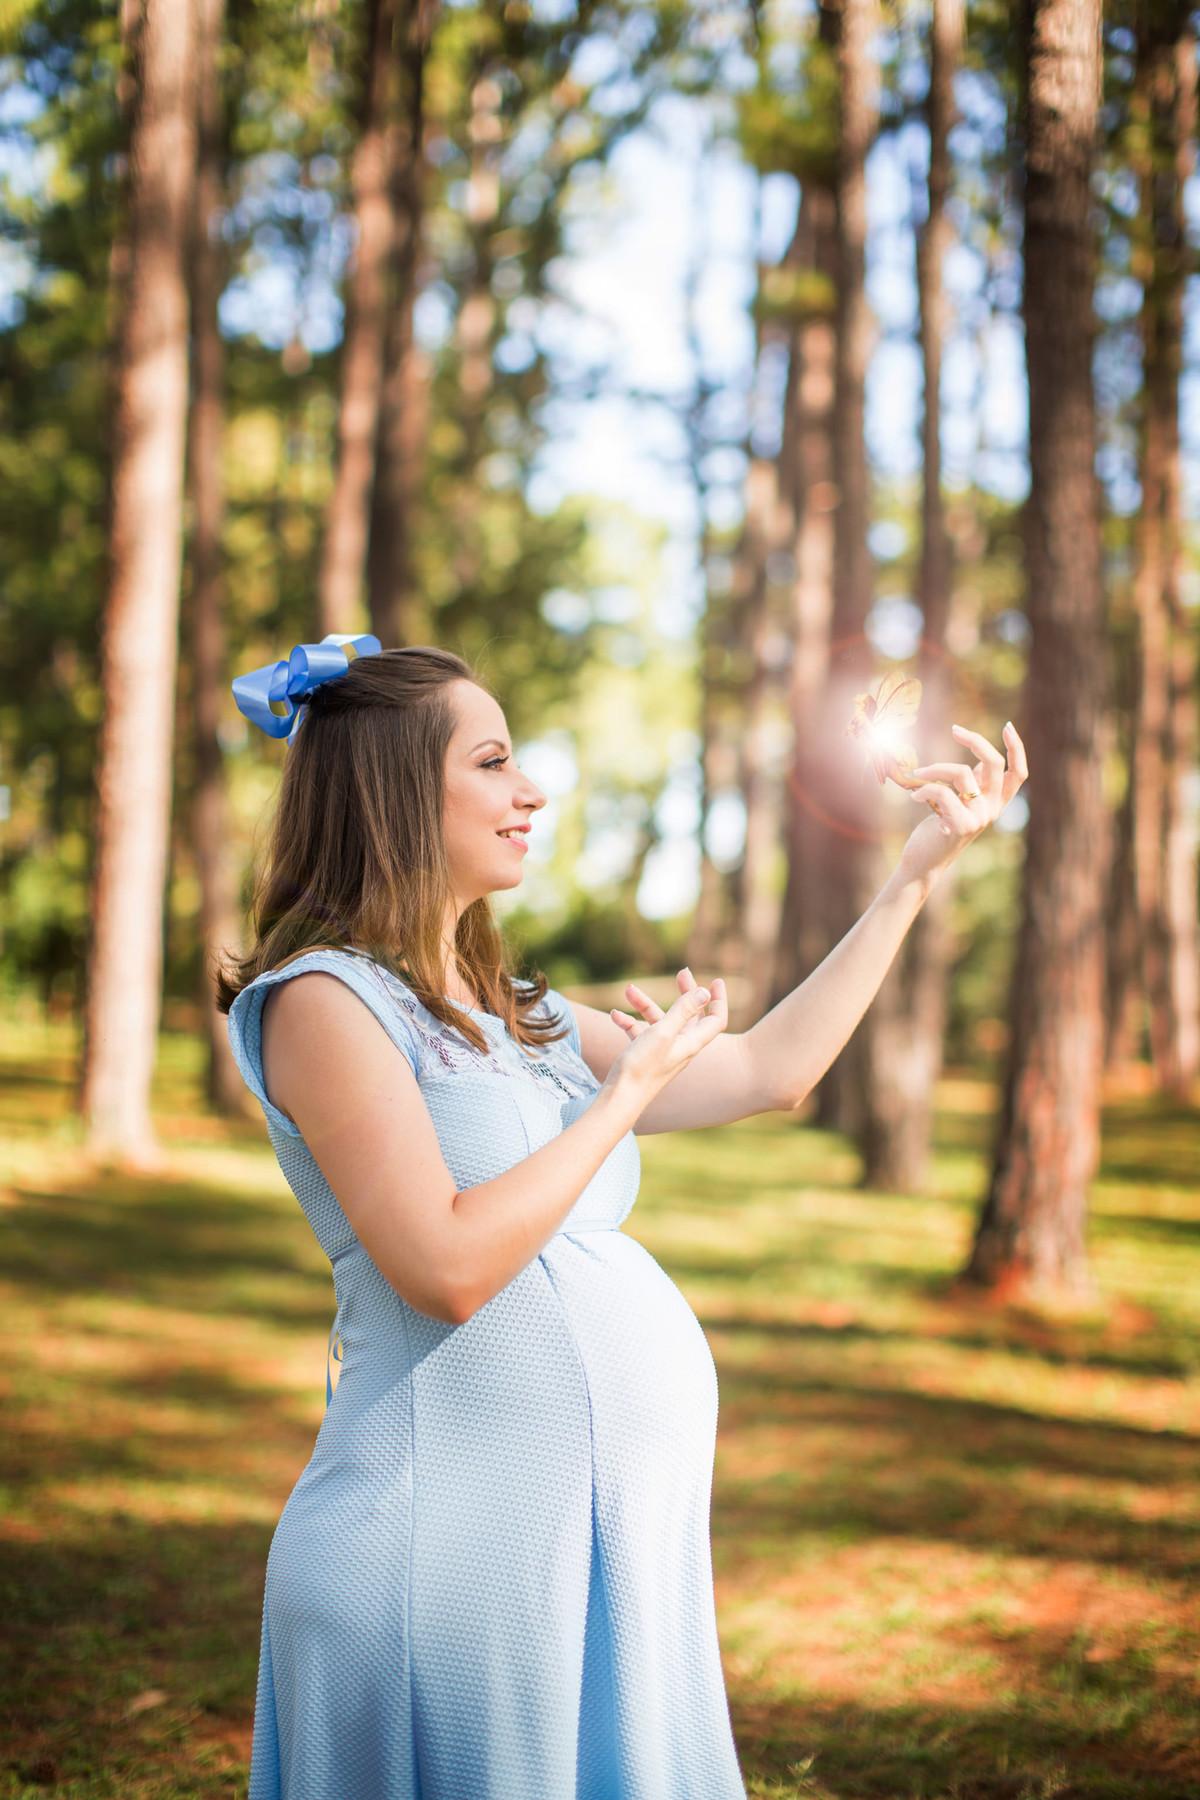 Ensaio de grávida na temática mundo Terra do Nunca feito pelo fotógrafo Rafael Ohana em Brasiilia-DF Wendy e Sininho na floresta